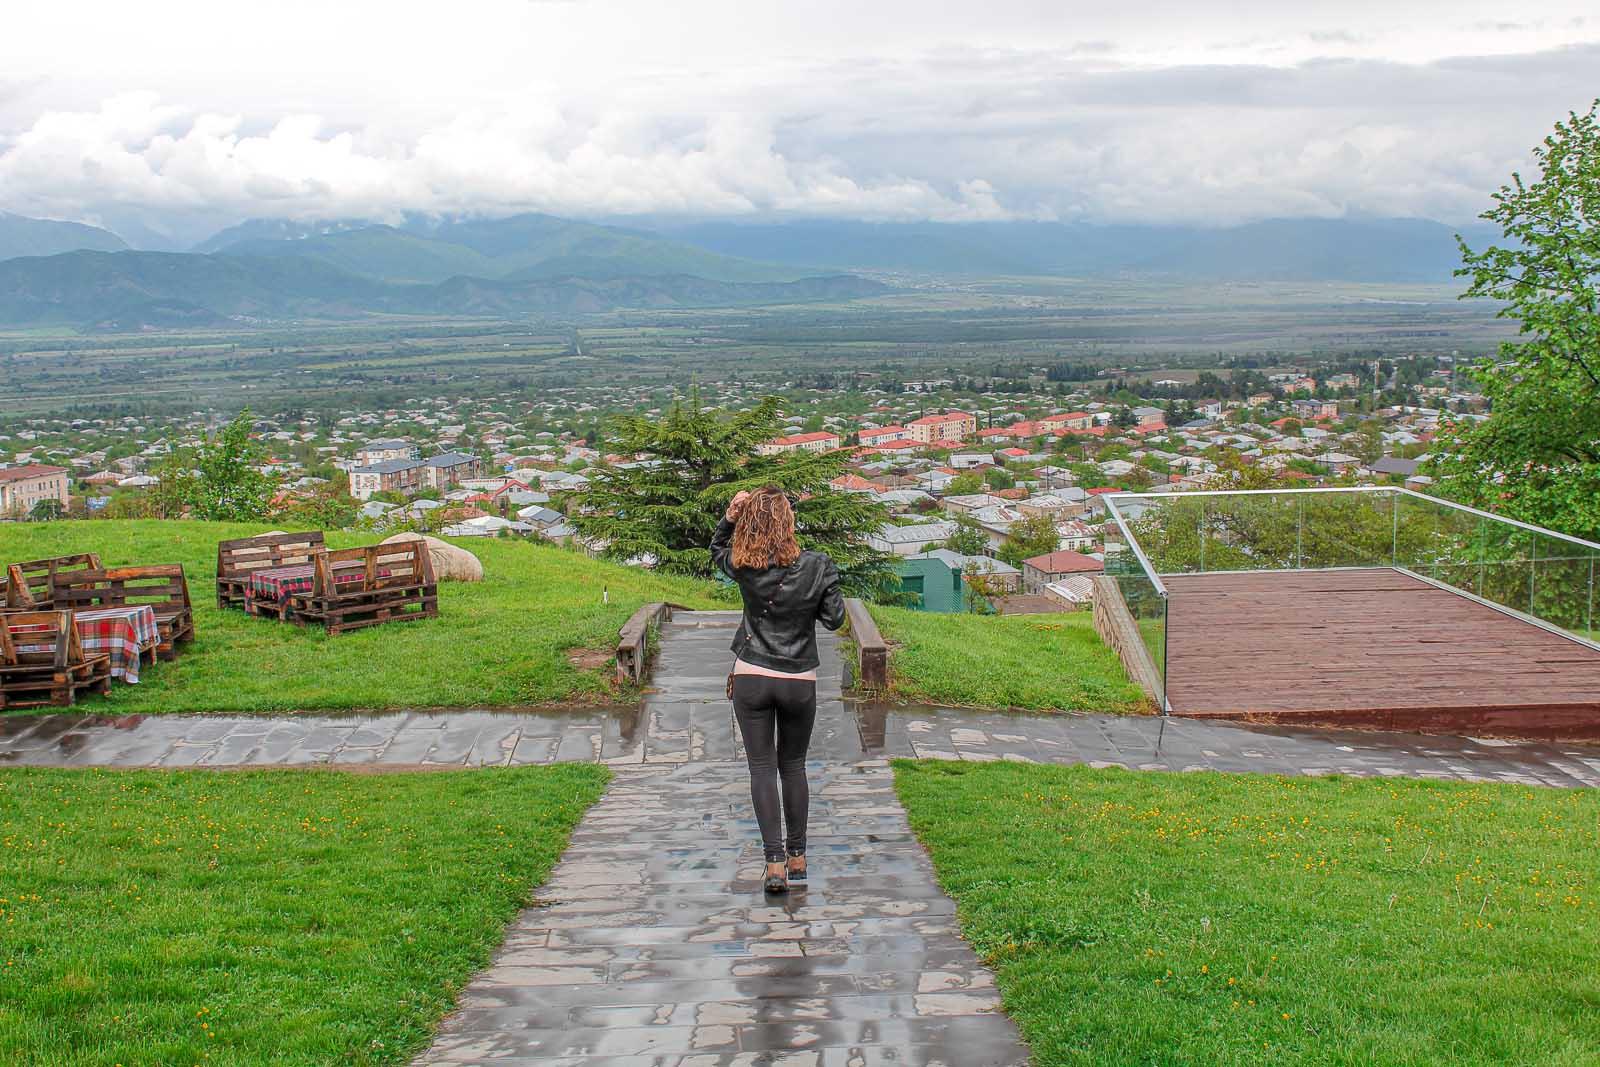 Tbilisi to Kakheti road trip